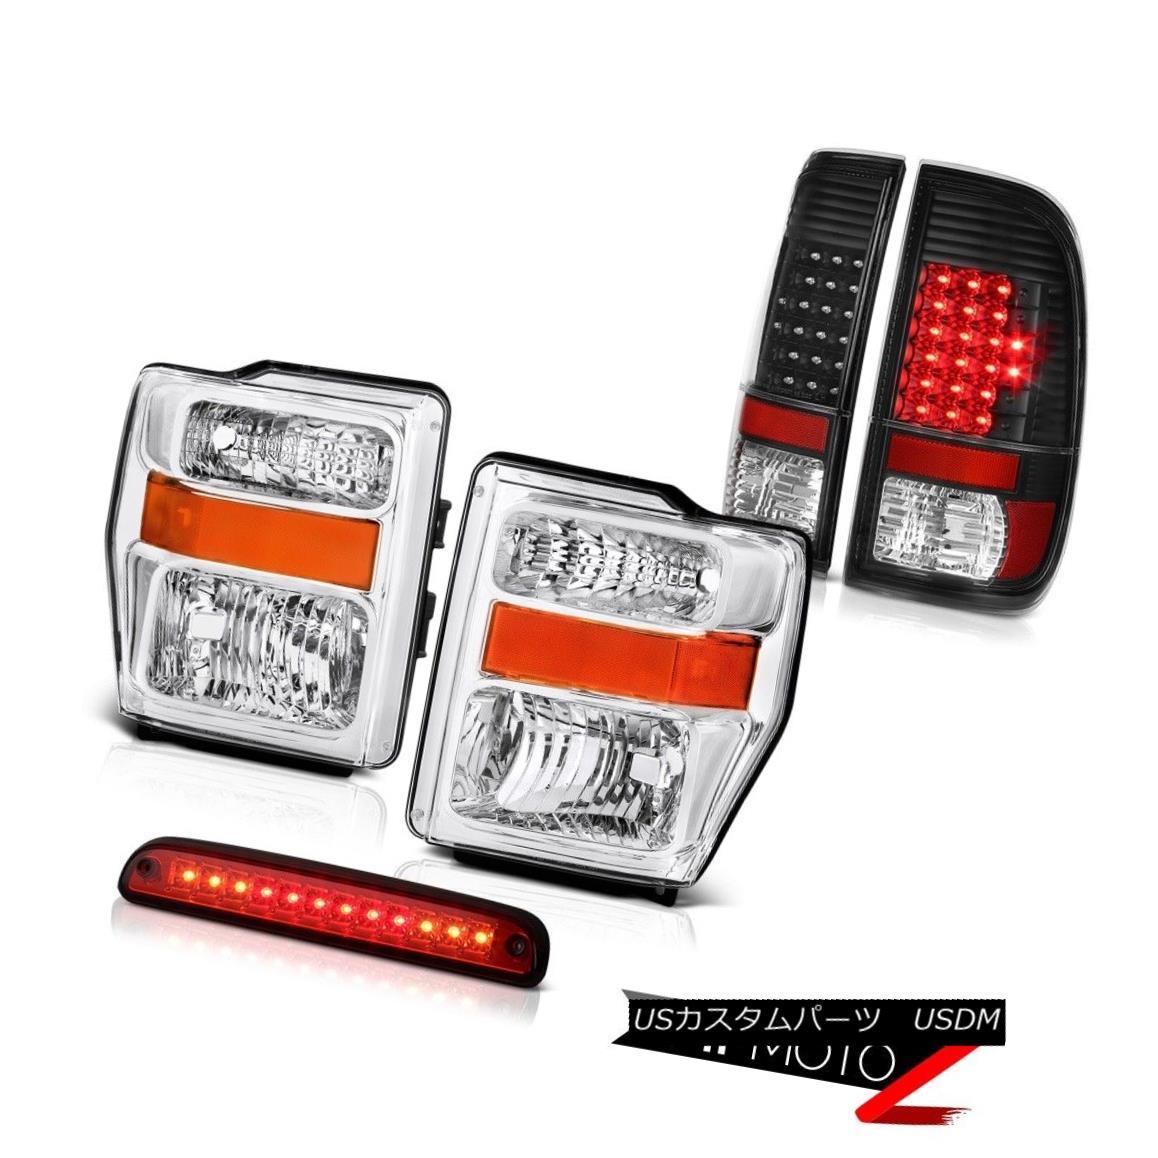 ヘッドライト 08 09 10 F350 Power Stroke V8 Headlights Black Brake Tail Lights High Stop LED 08 09 10 F350パワーストロークV8ヘッドライトブラックブレーキテールライトハイストップLED